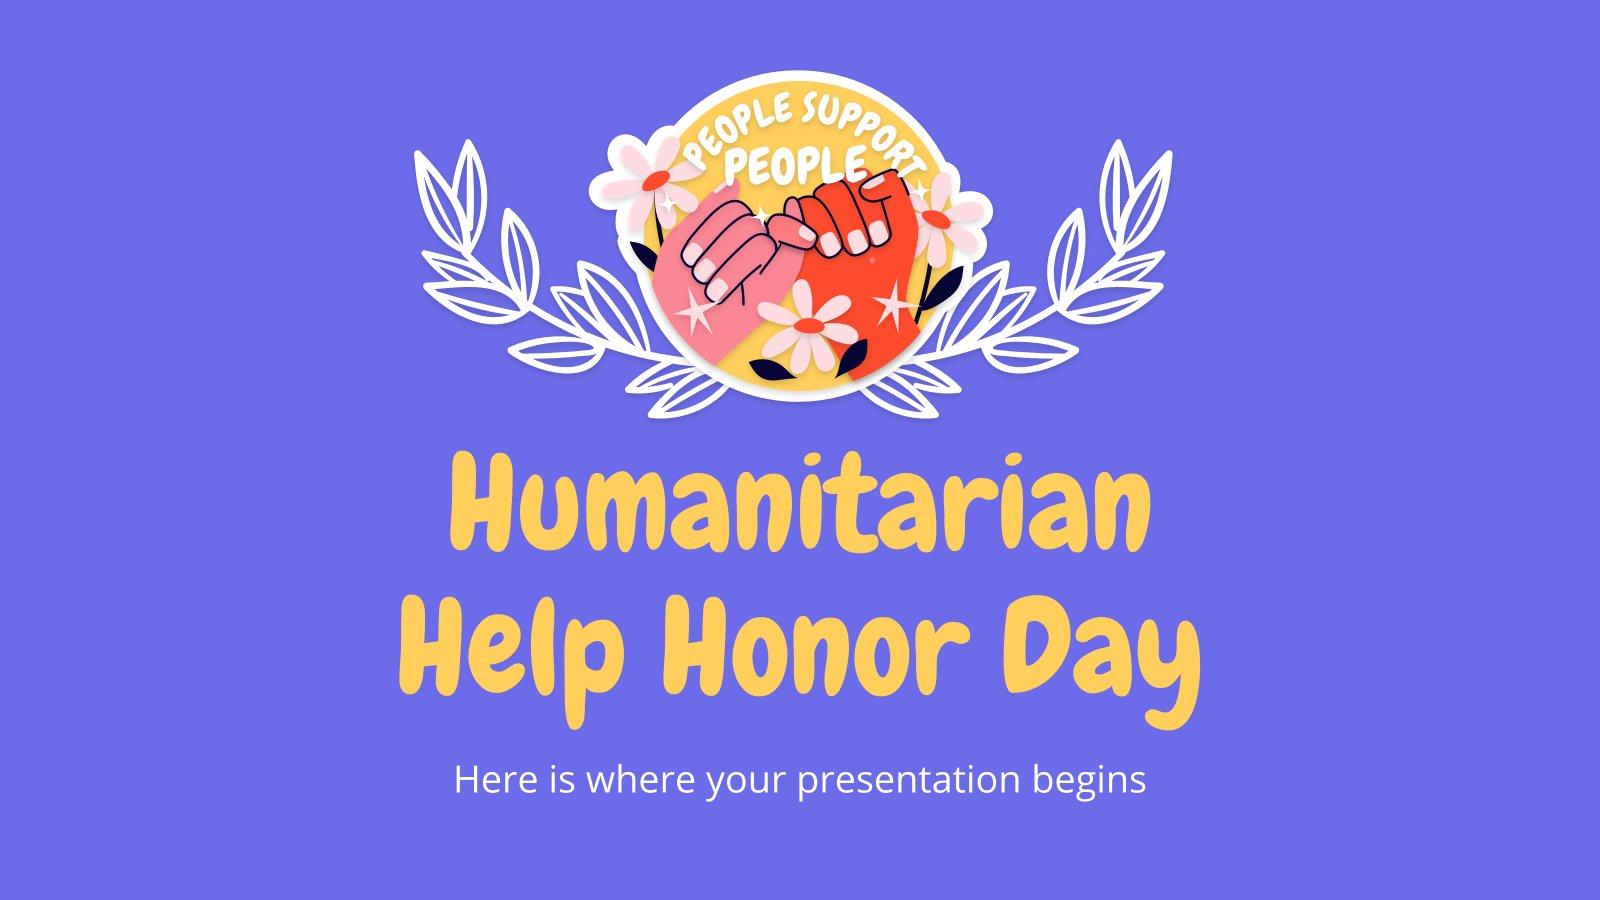 Plantilla de presentación El Gran Día de la Asistencia Humanitaria